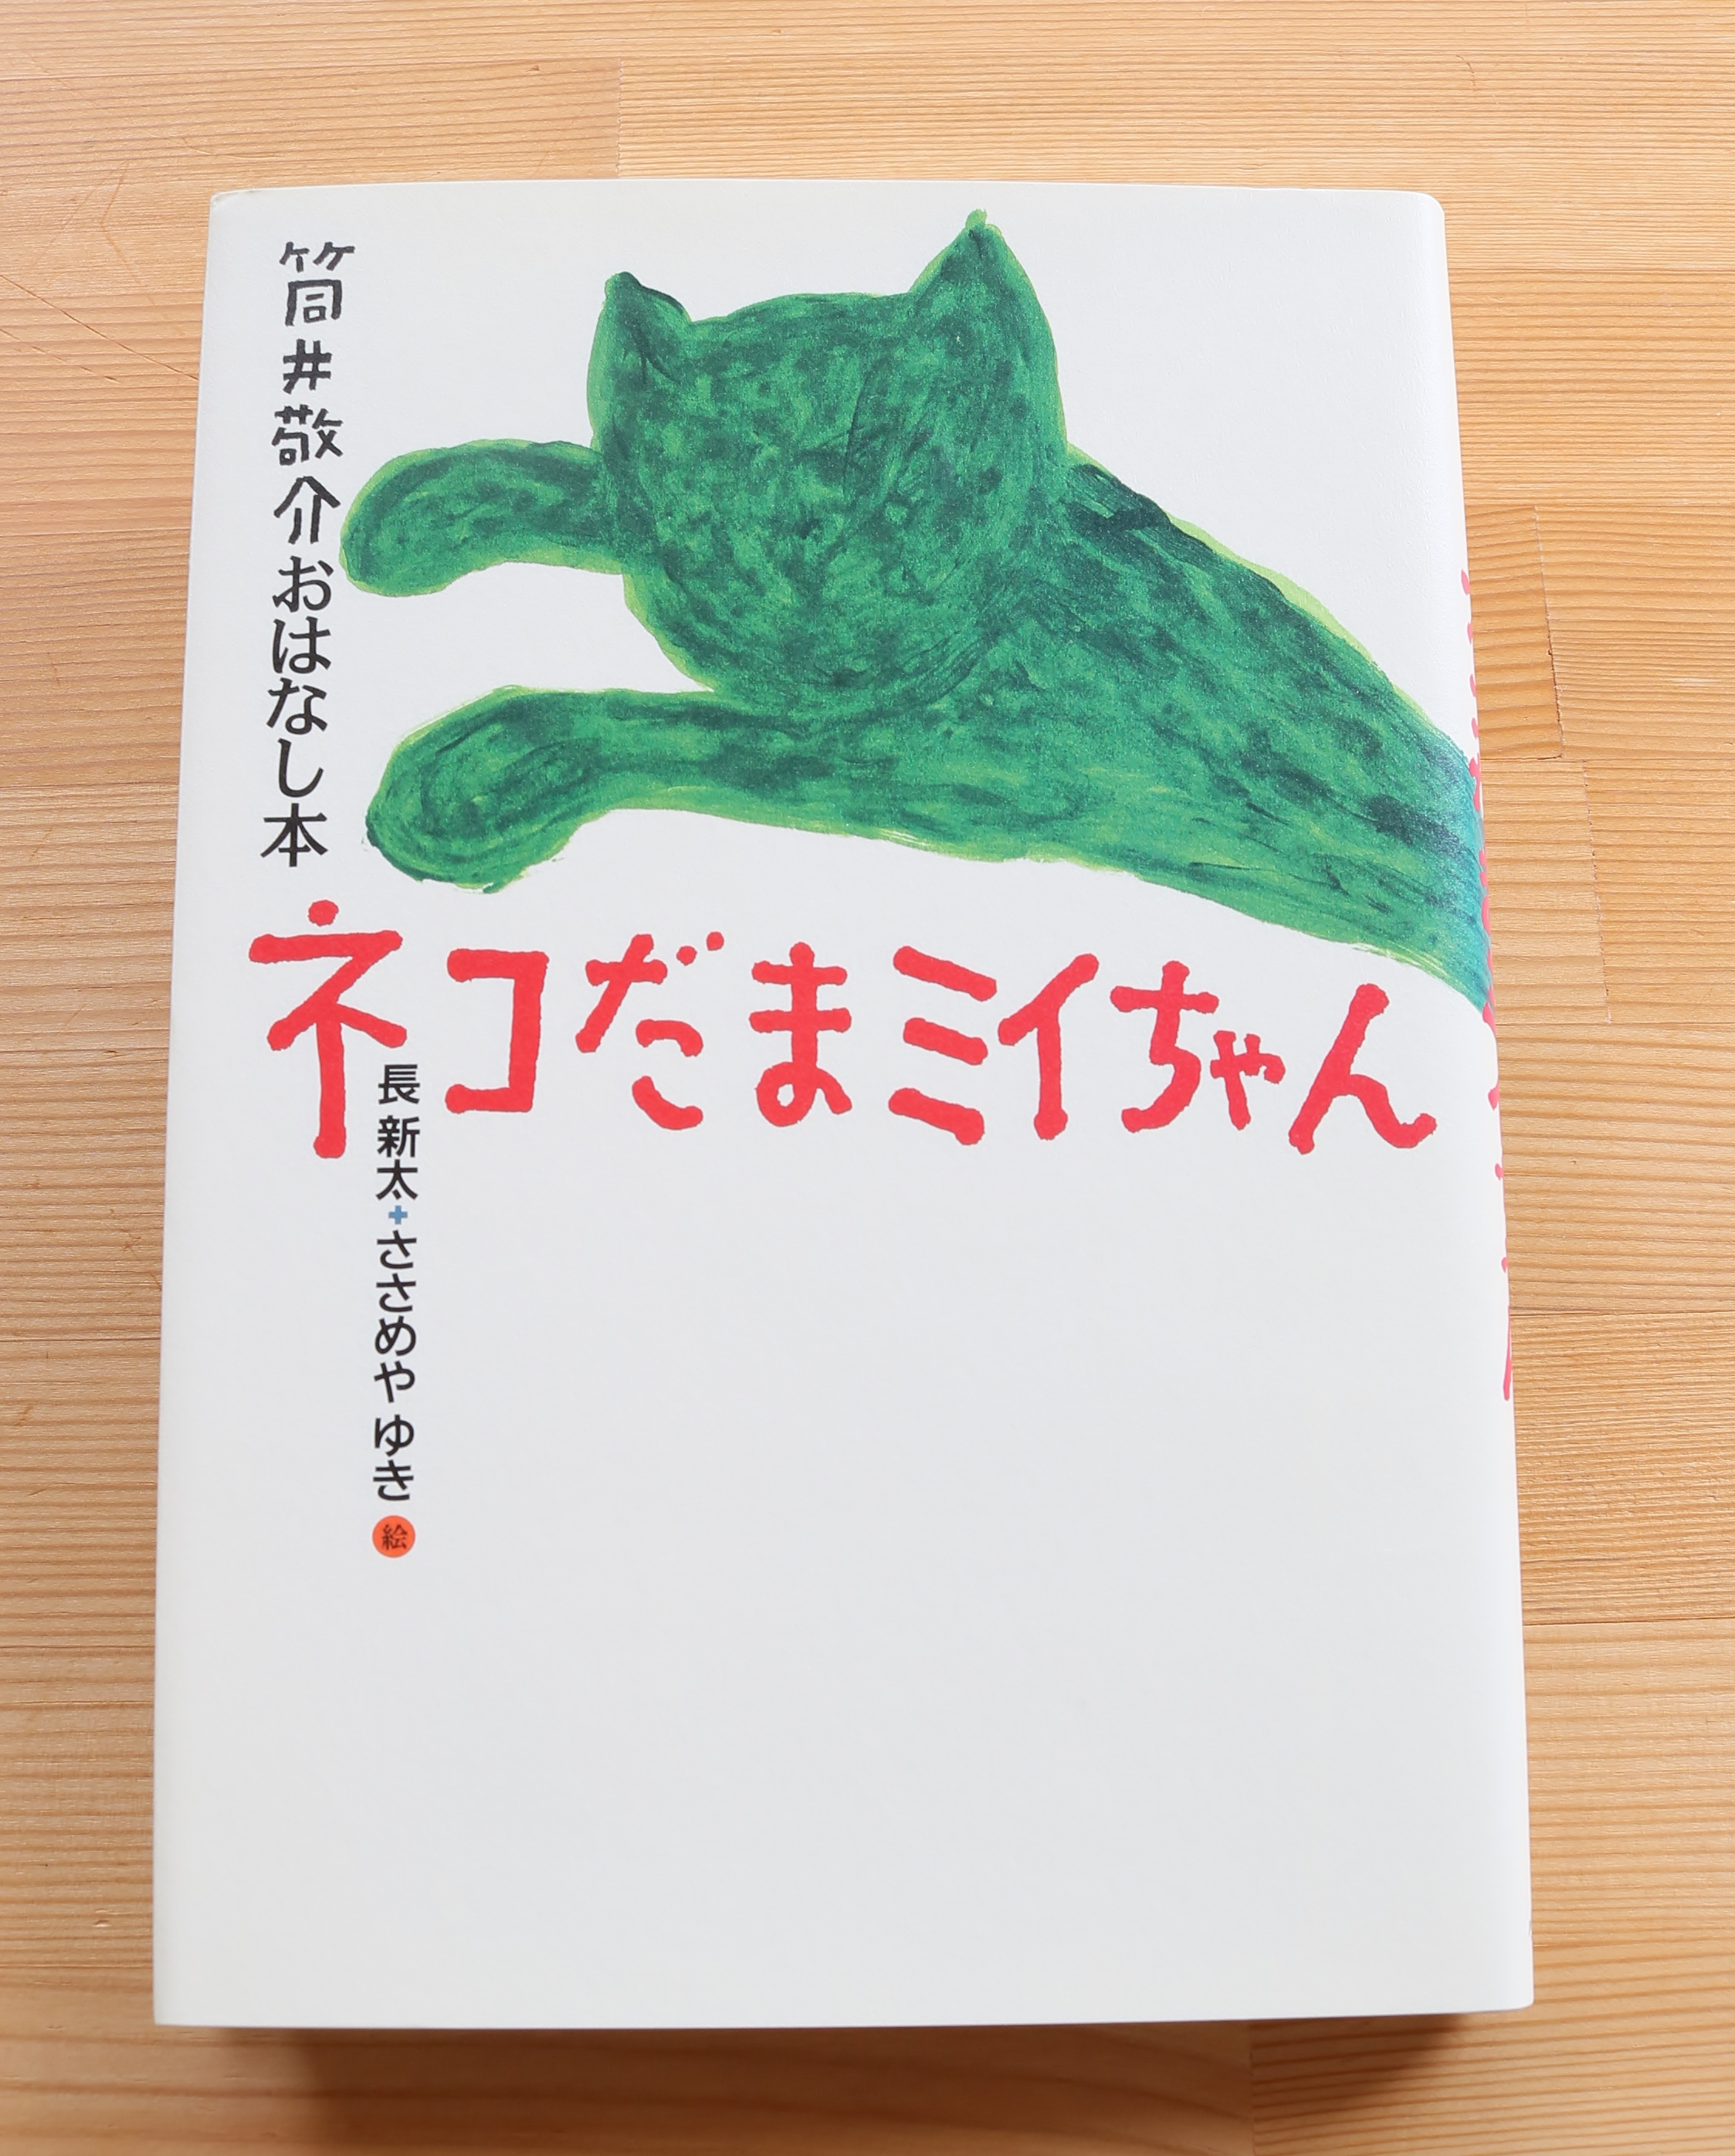 猫絵本 絵本 秋田 かぎしっぽ ネコだまミイちゃん